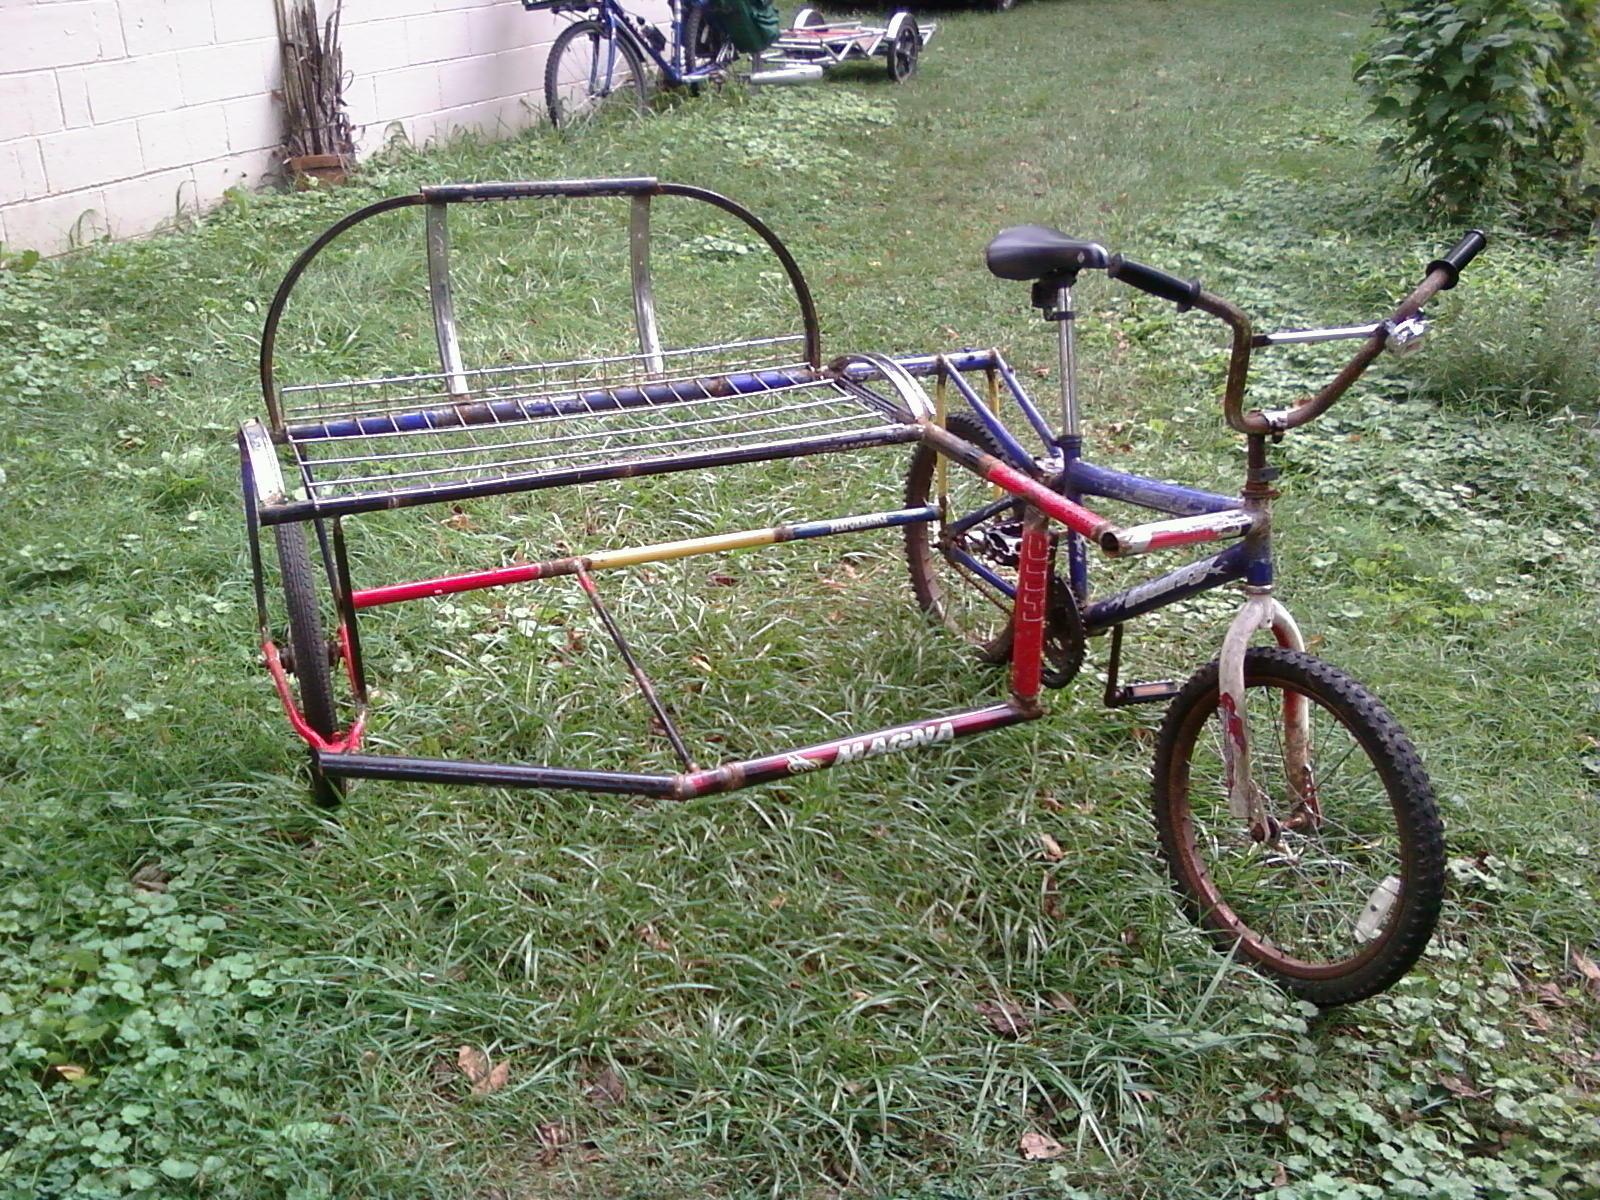 Bikes Bring It: The Bumblebee Bike